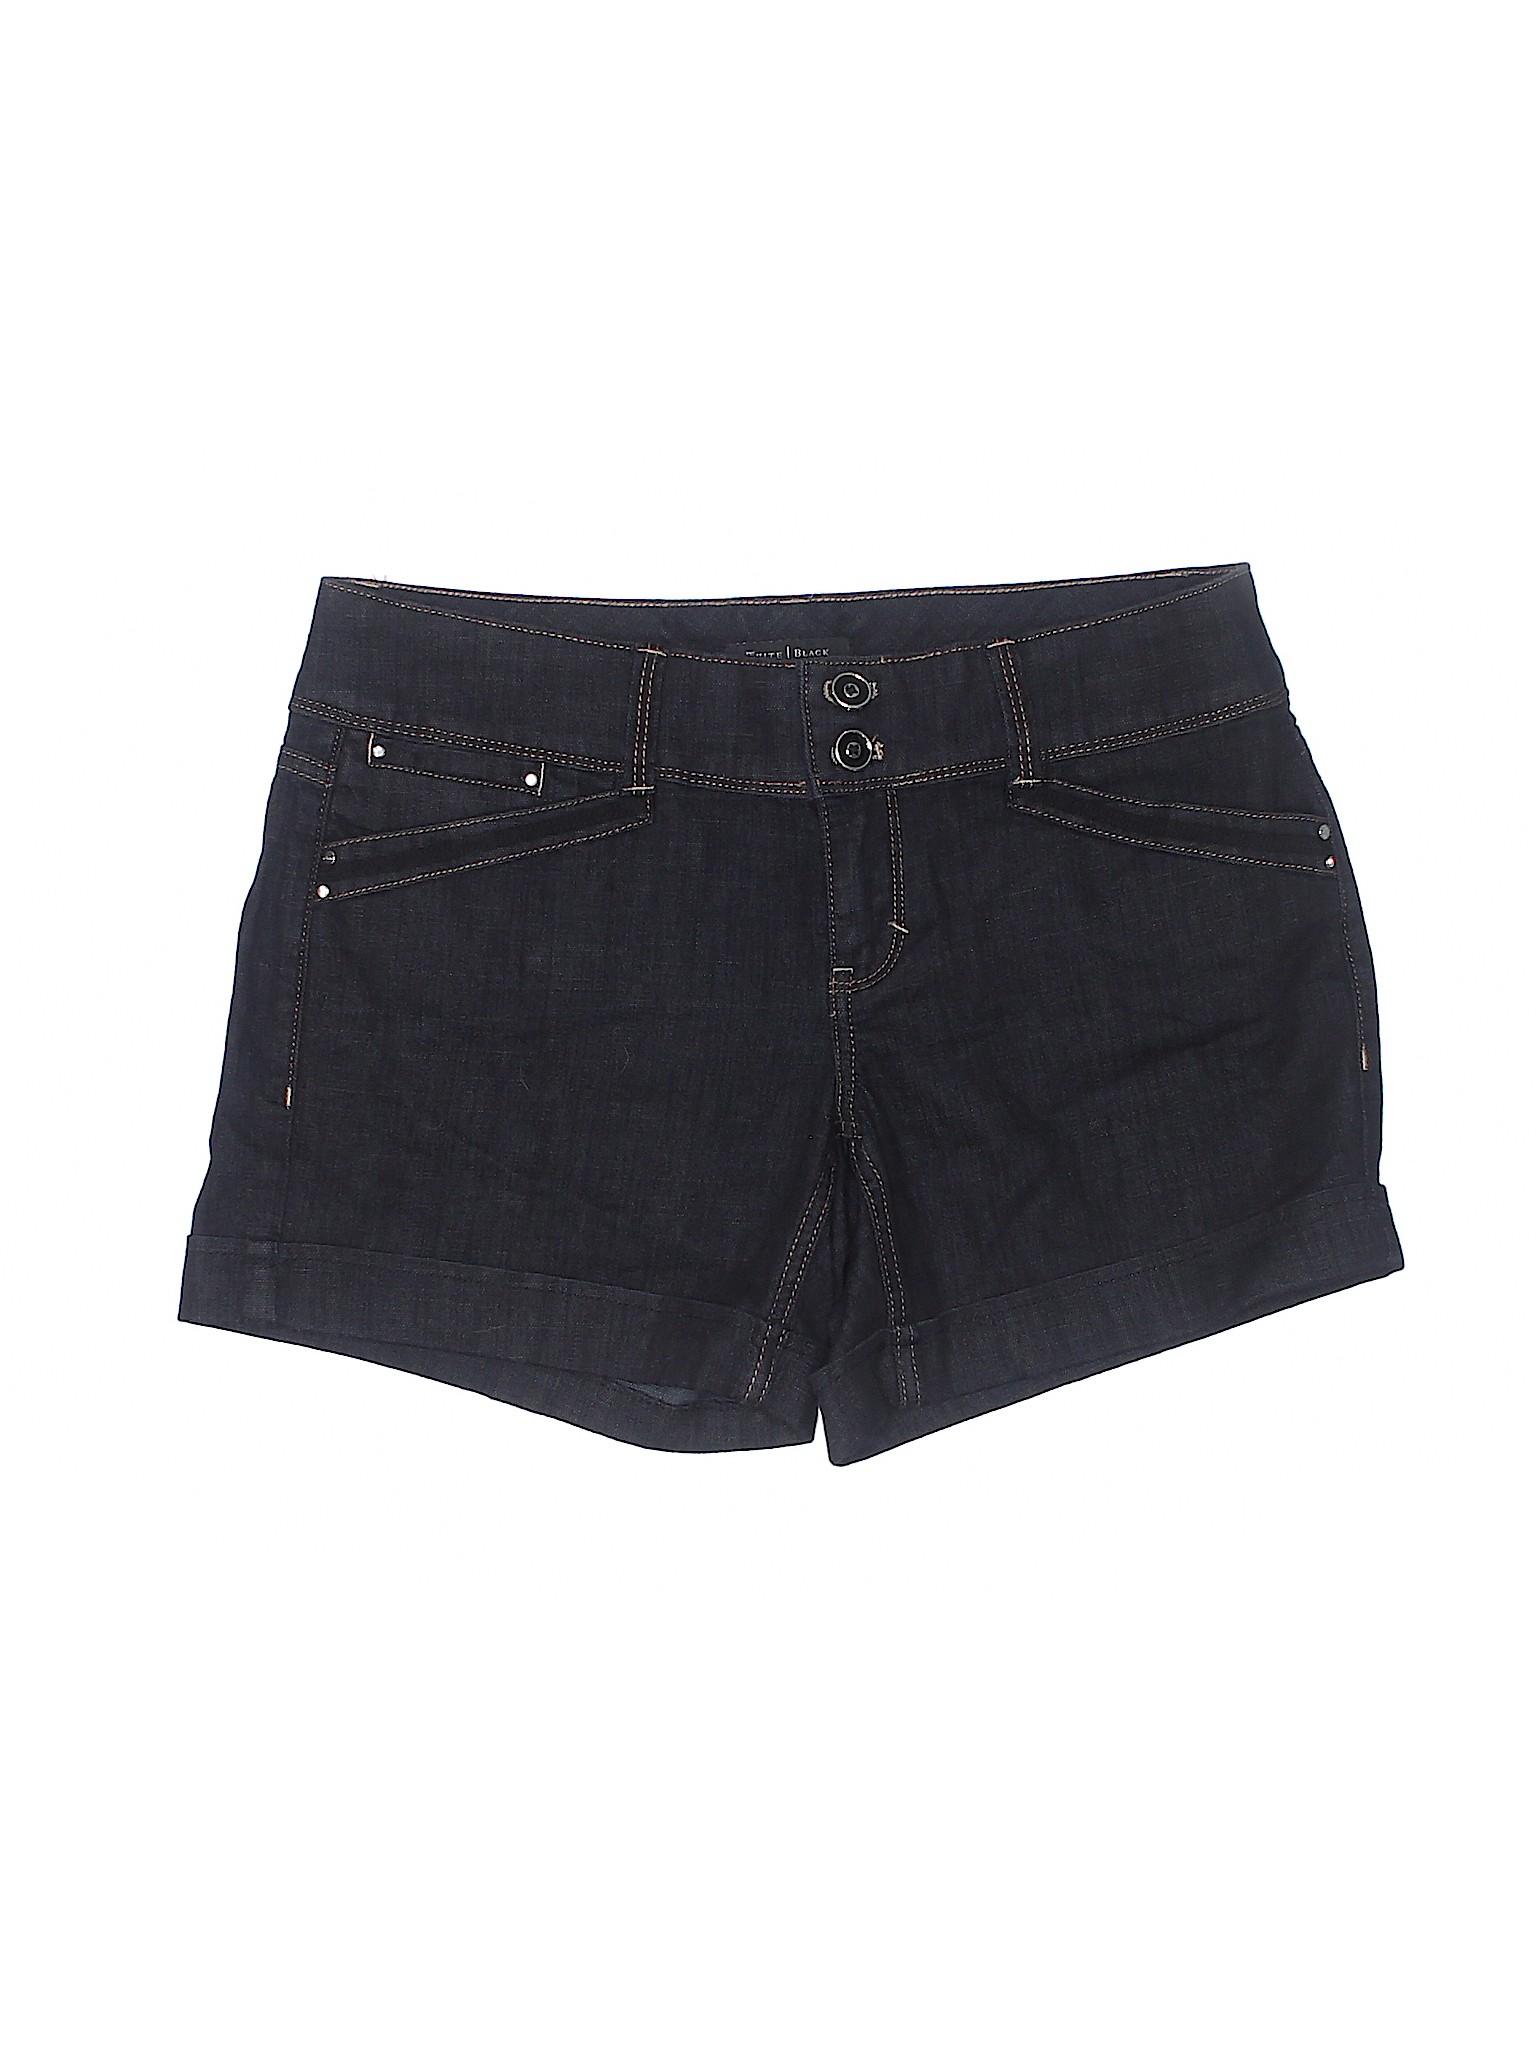 Market Boutique Black Shorts White Denim House wYw1qv7p